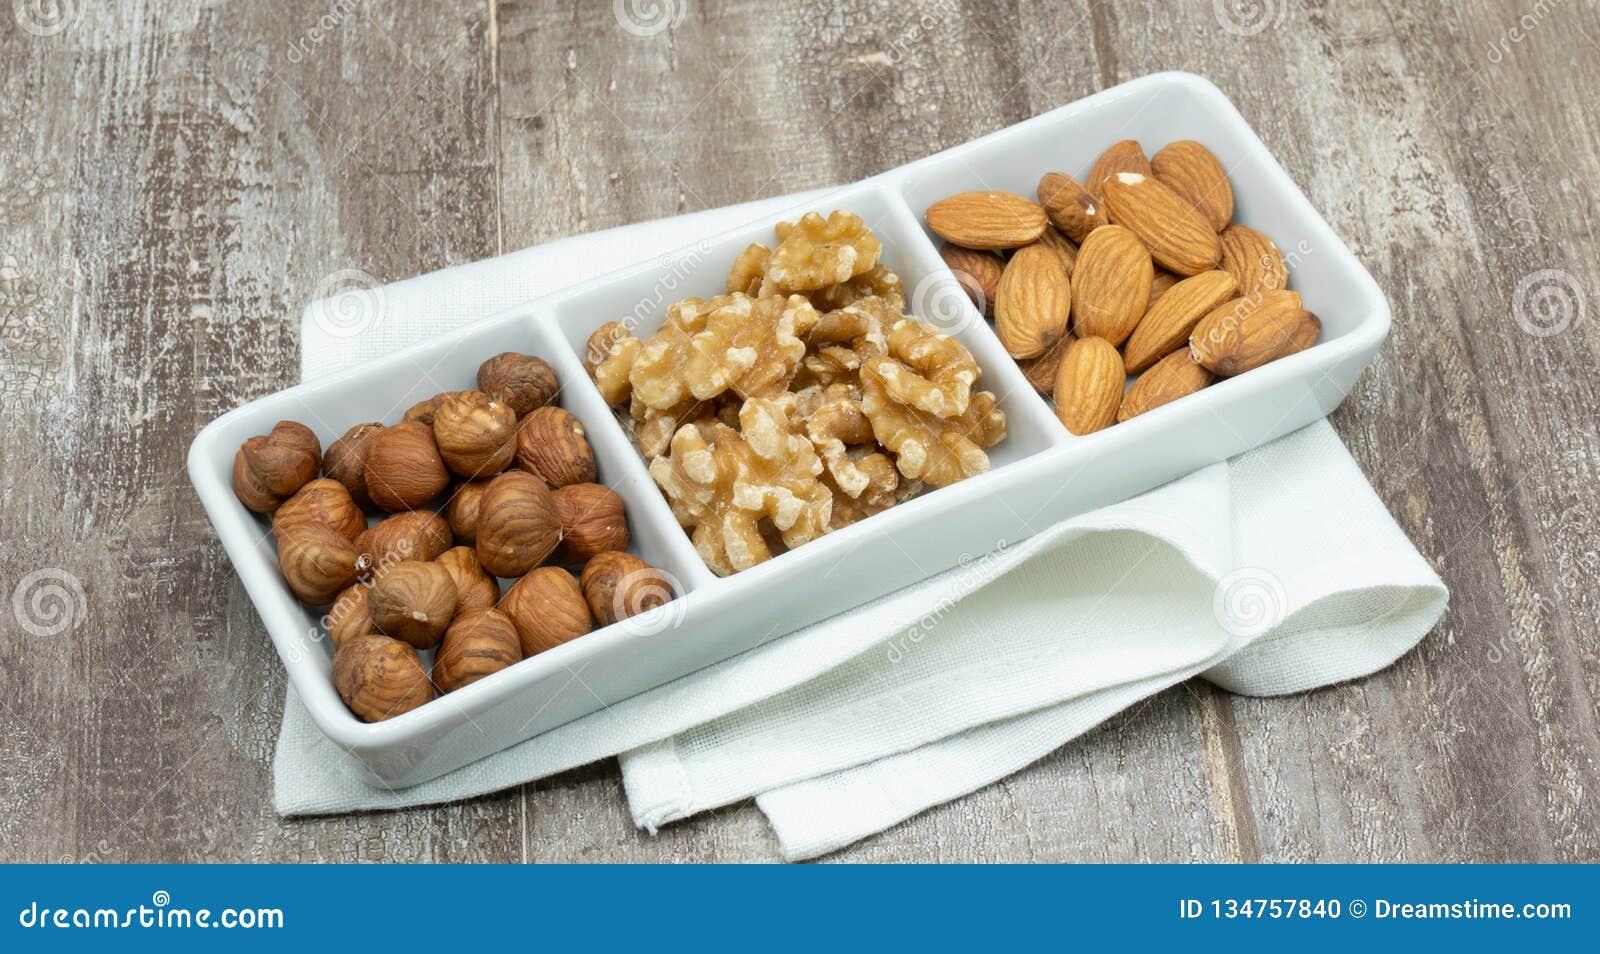 Drei Nüsse, Haselnuss, Mandel und Walnuss